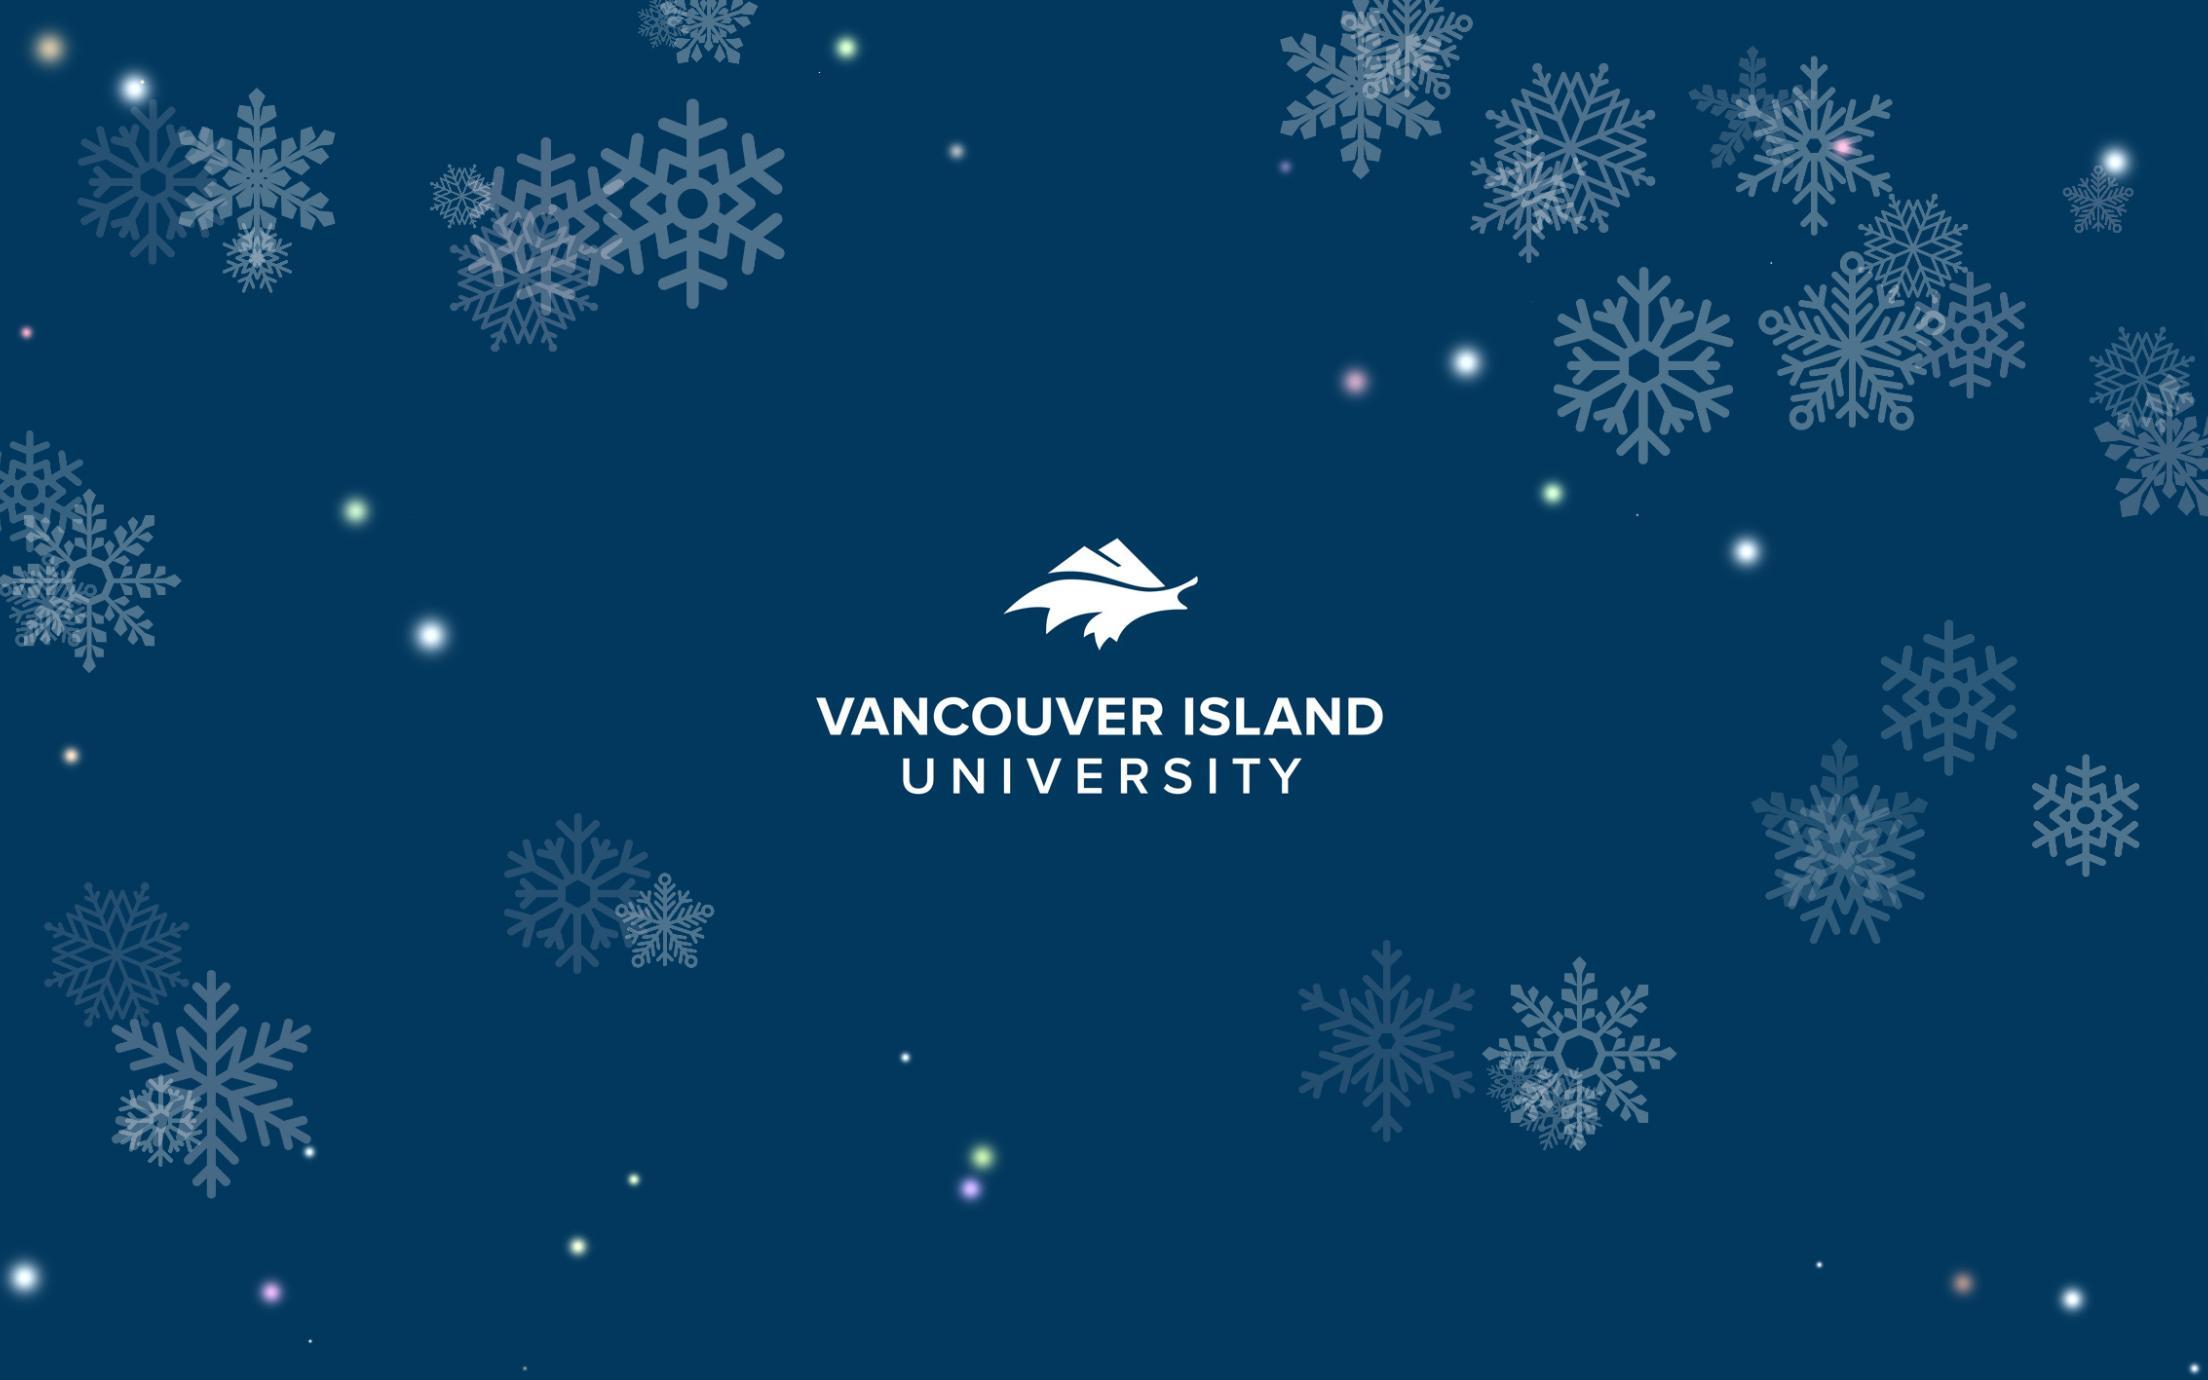 VIU logo with snowflakes